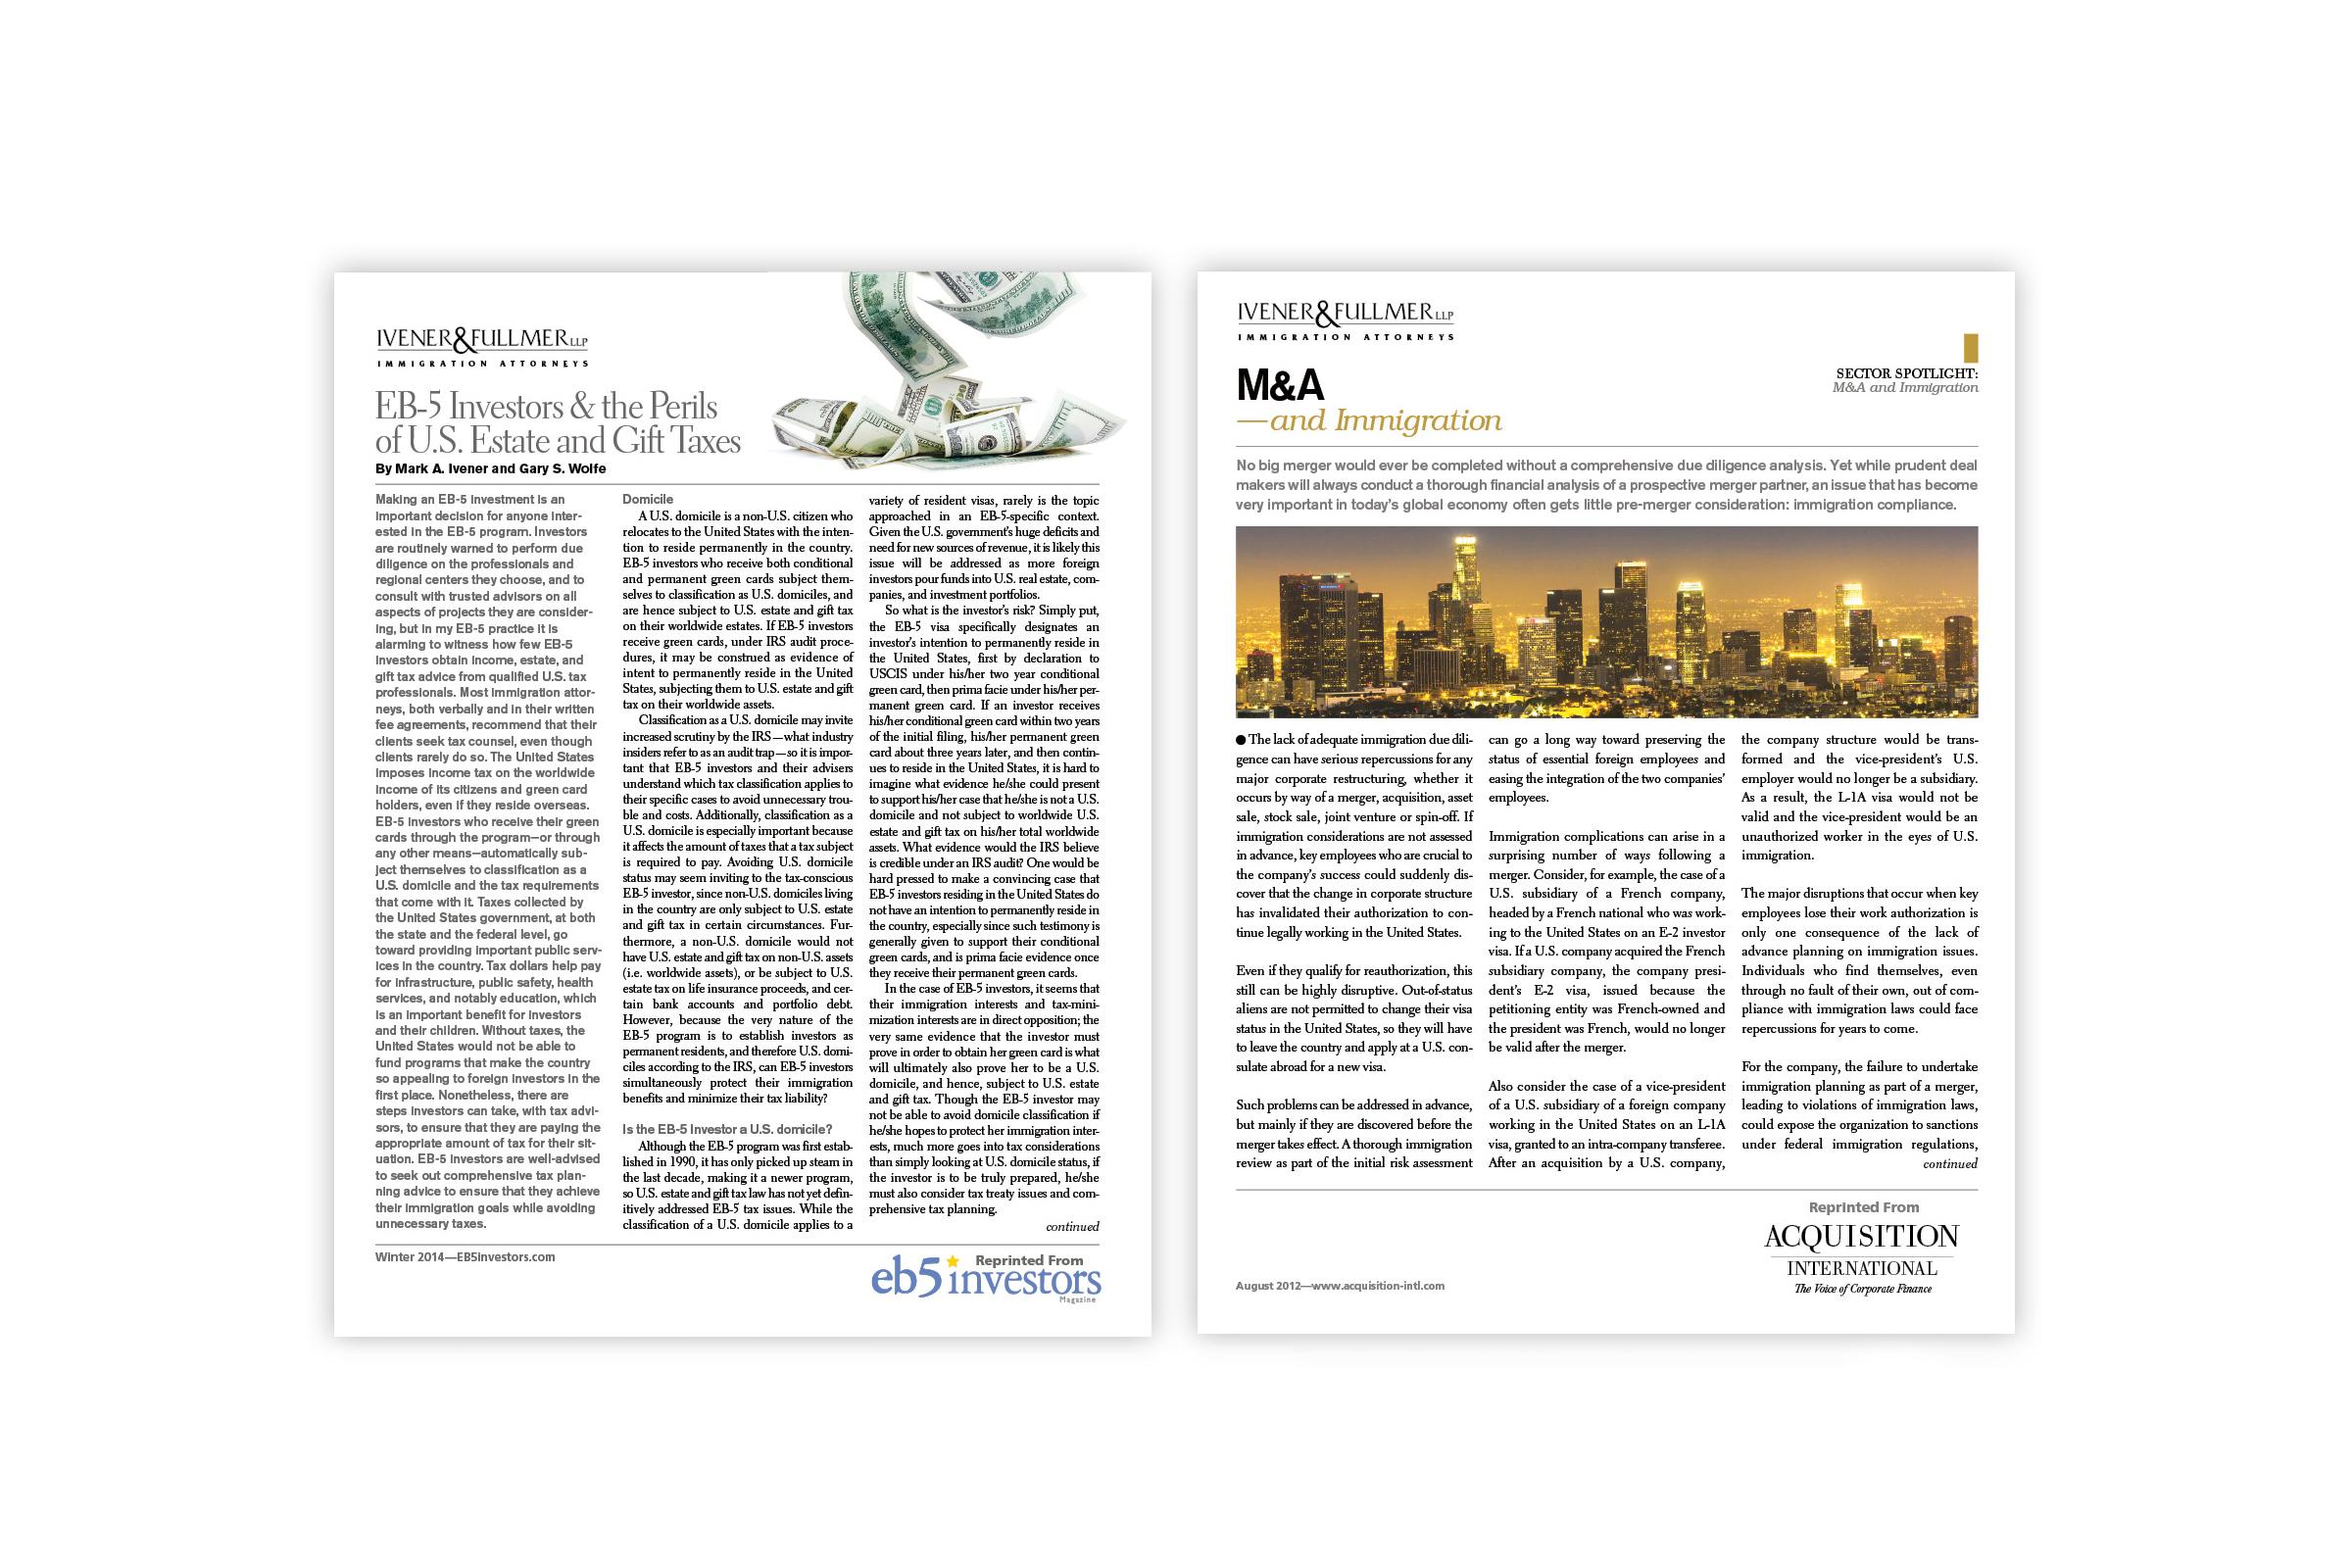 Publication Reprints